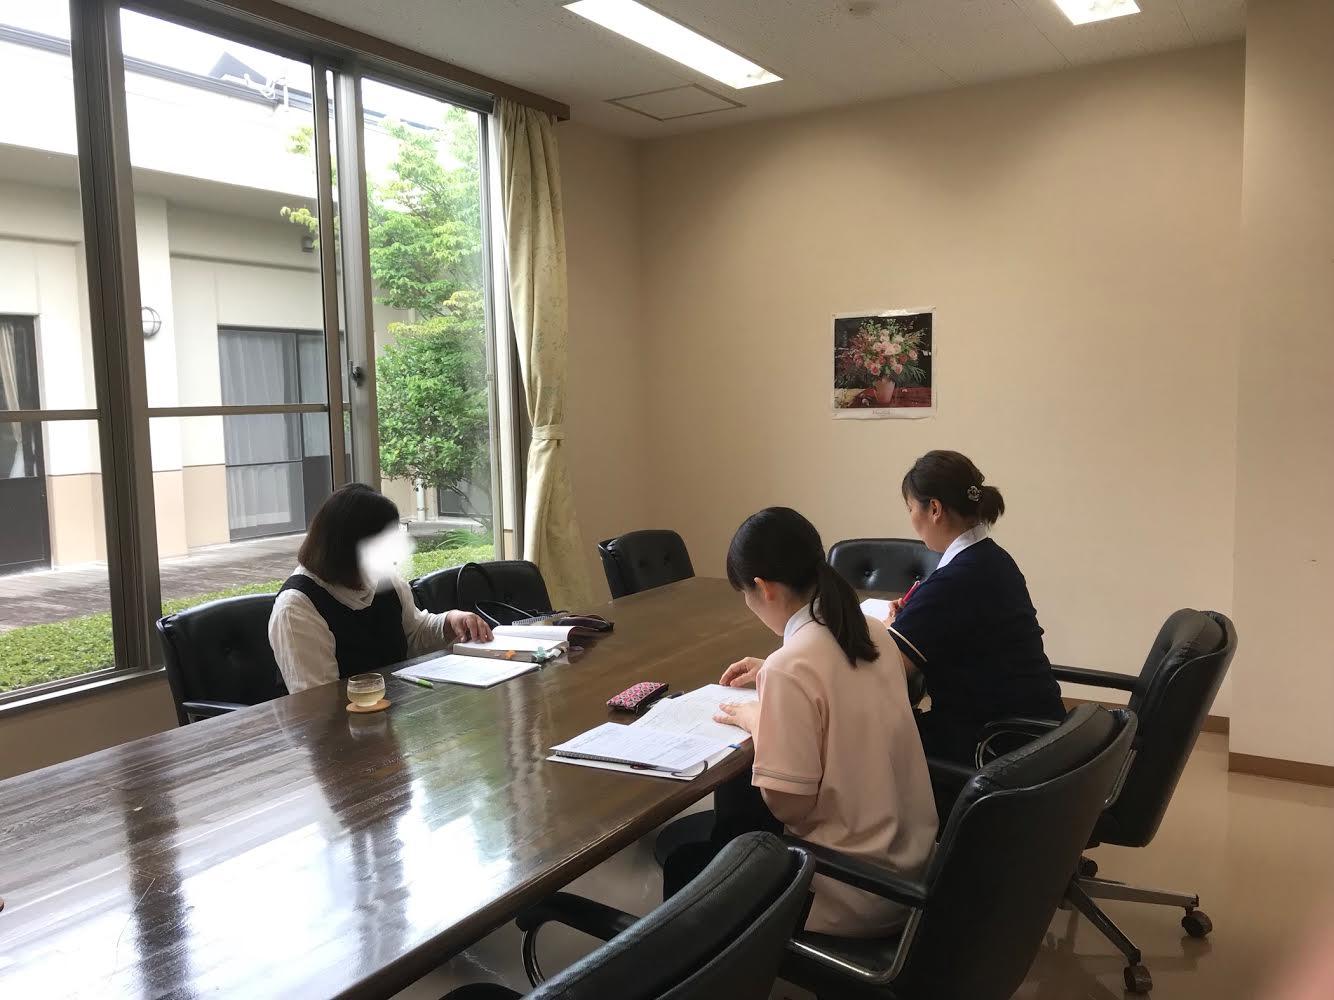 熊本県玉名市 特別養護老人ホーム(1班目)様